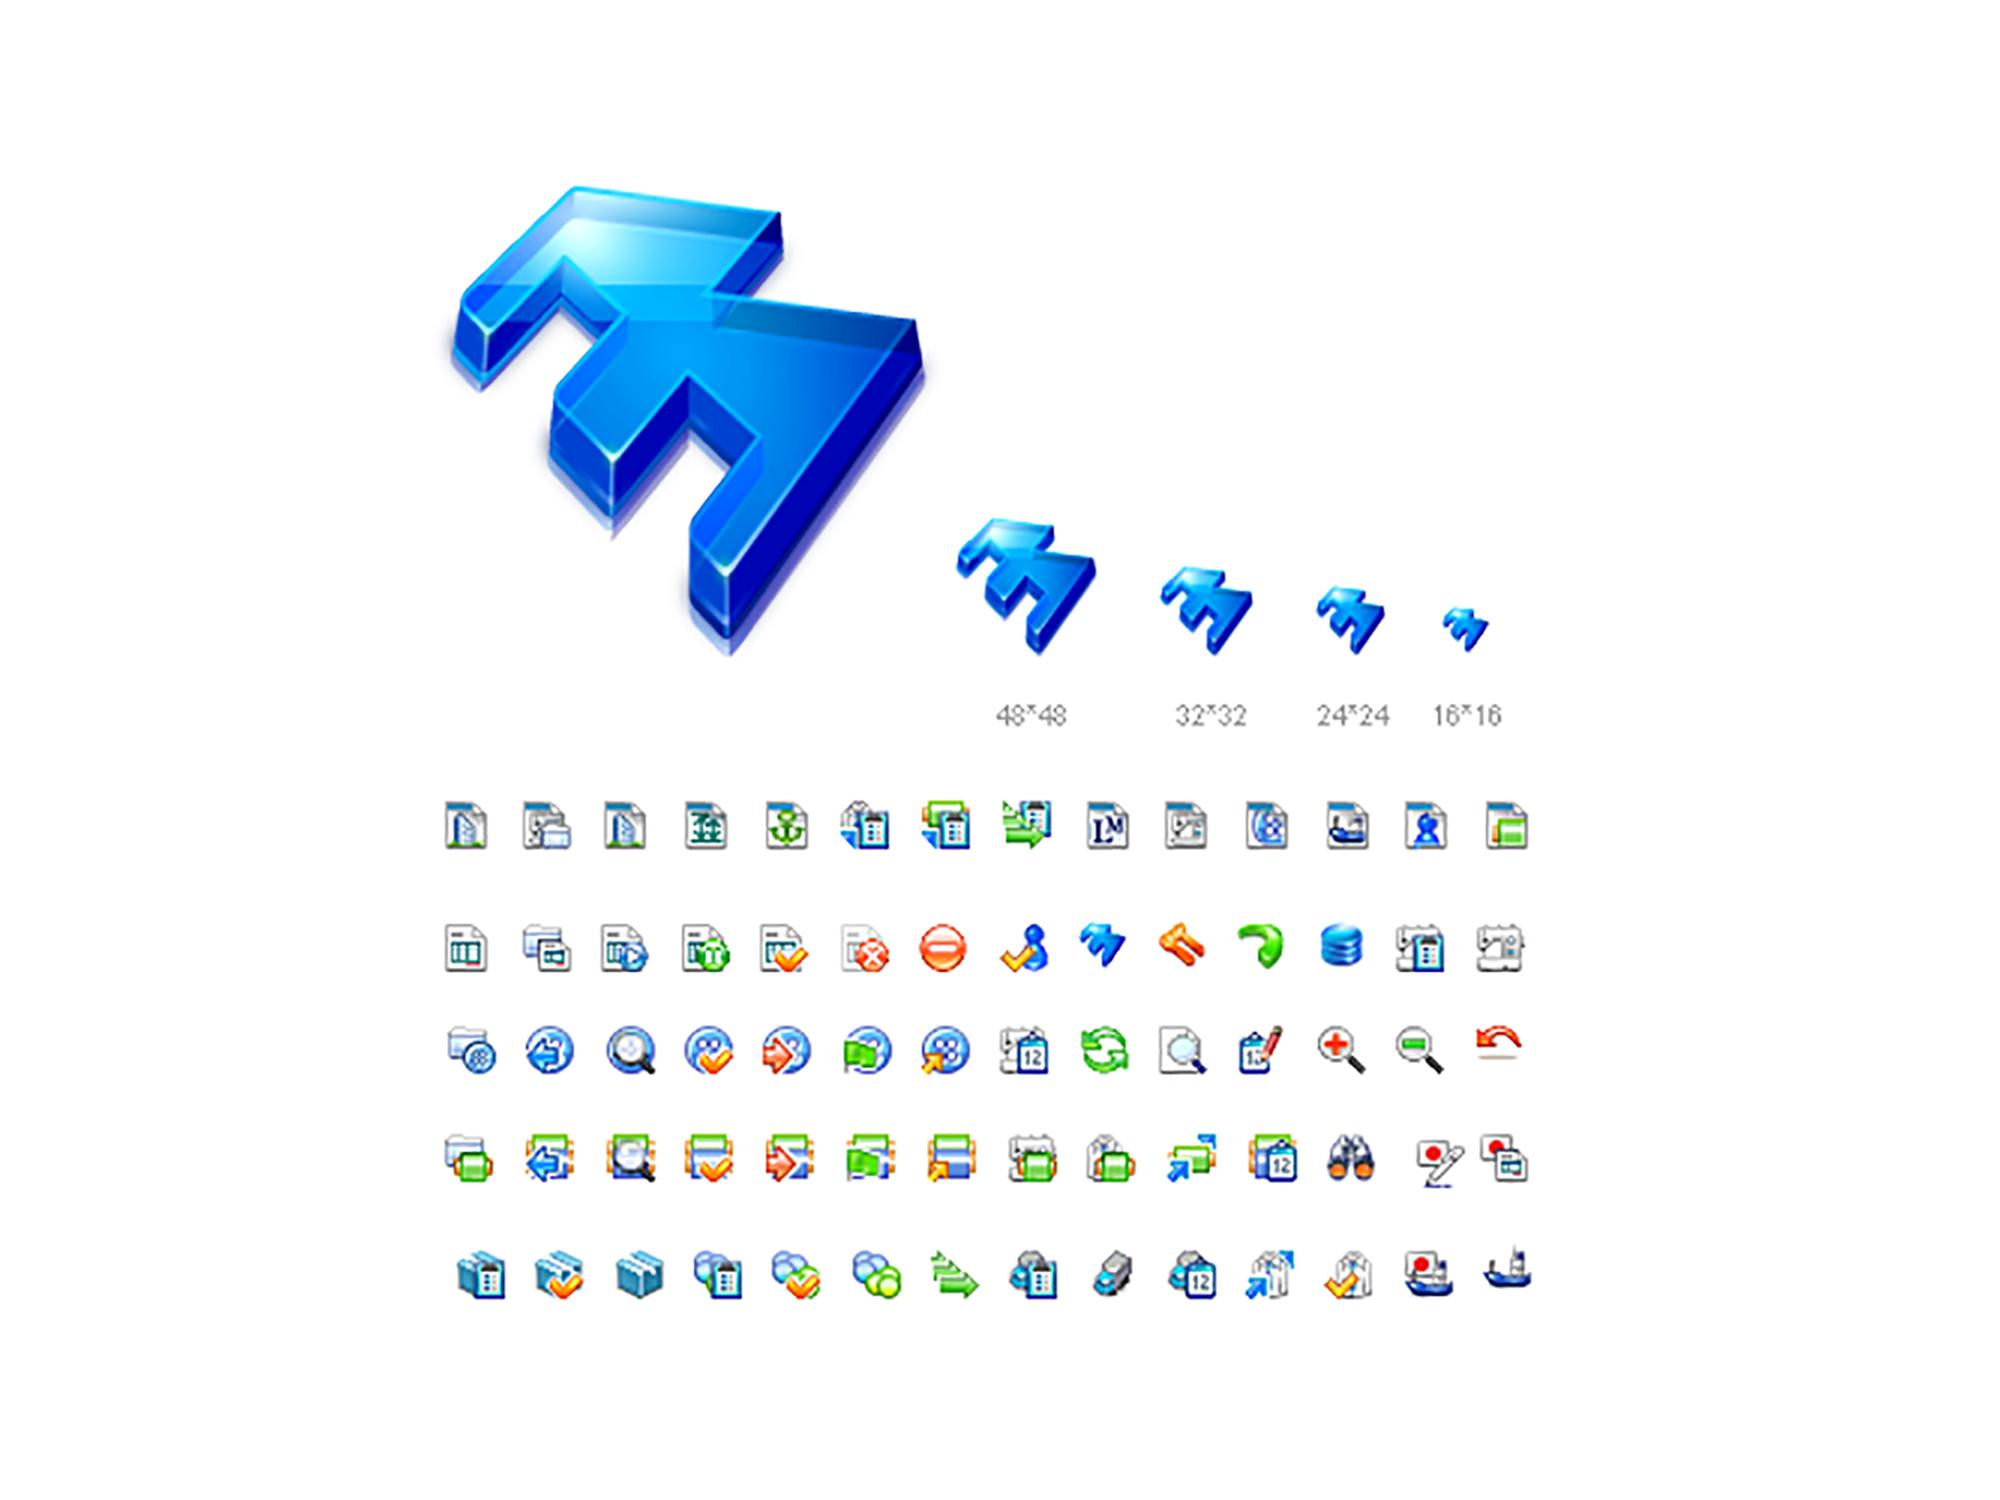 アプリケーションアイコン2